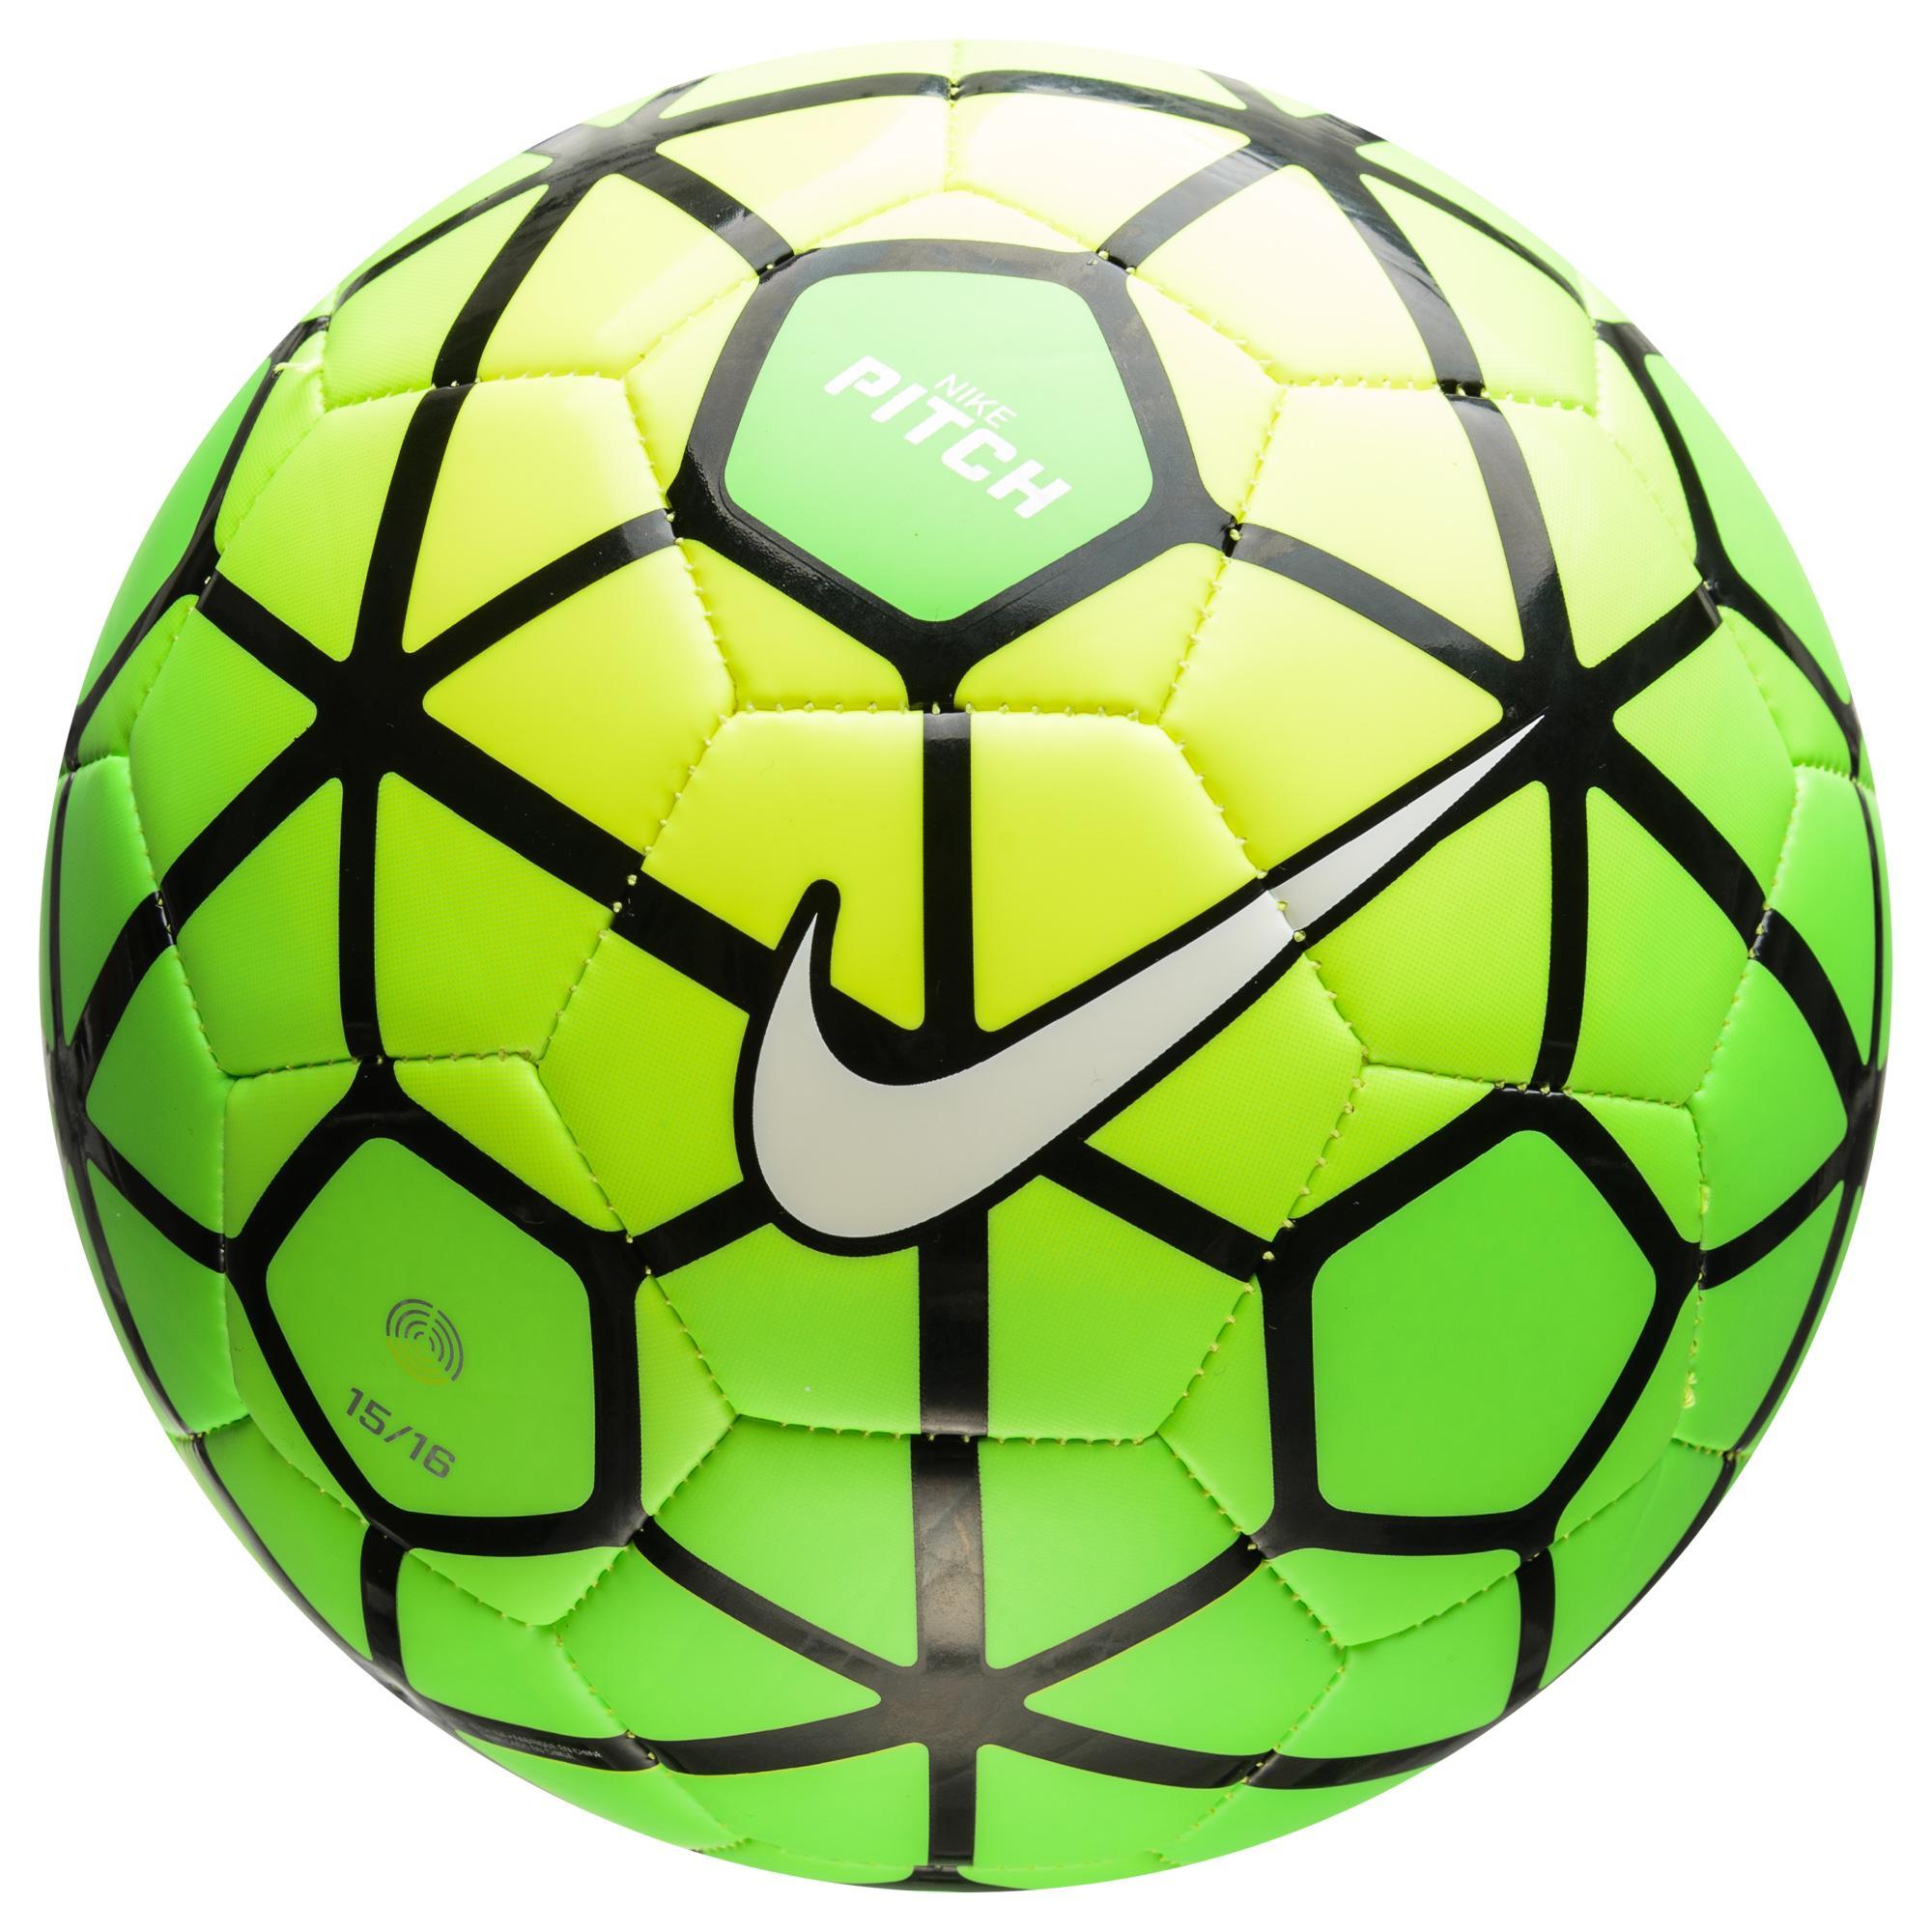 Nike Fotboll Pitch Grön/Gul